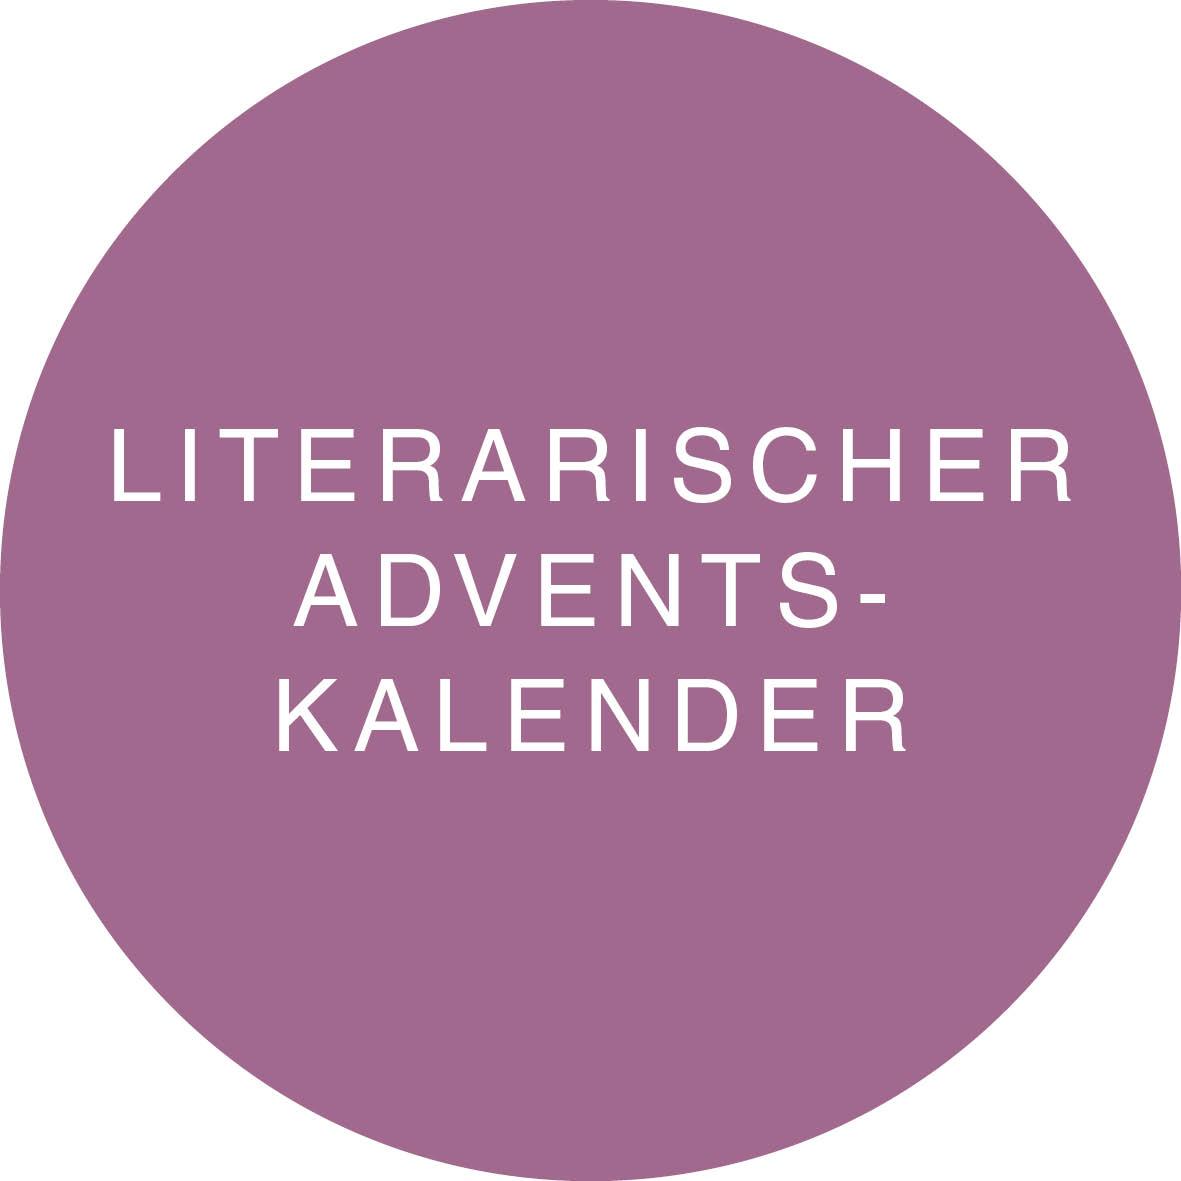 LITERARISCHER ADVENTSKALENDER